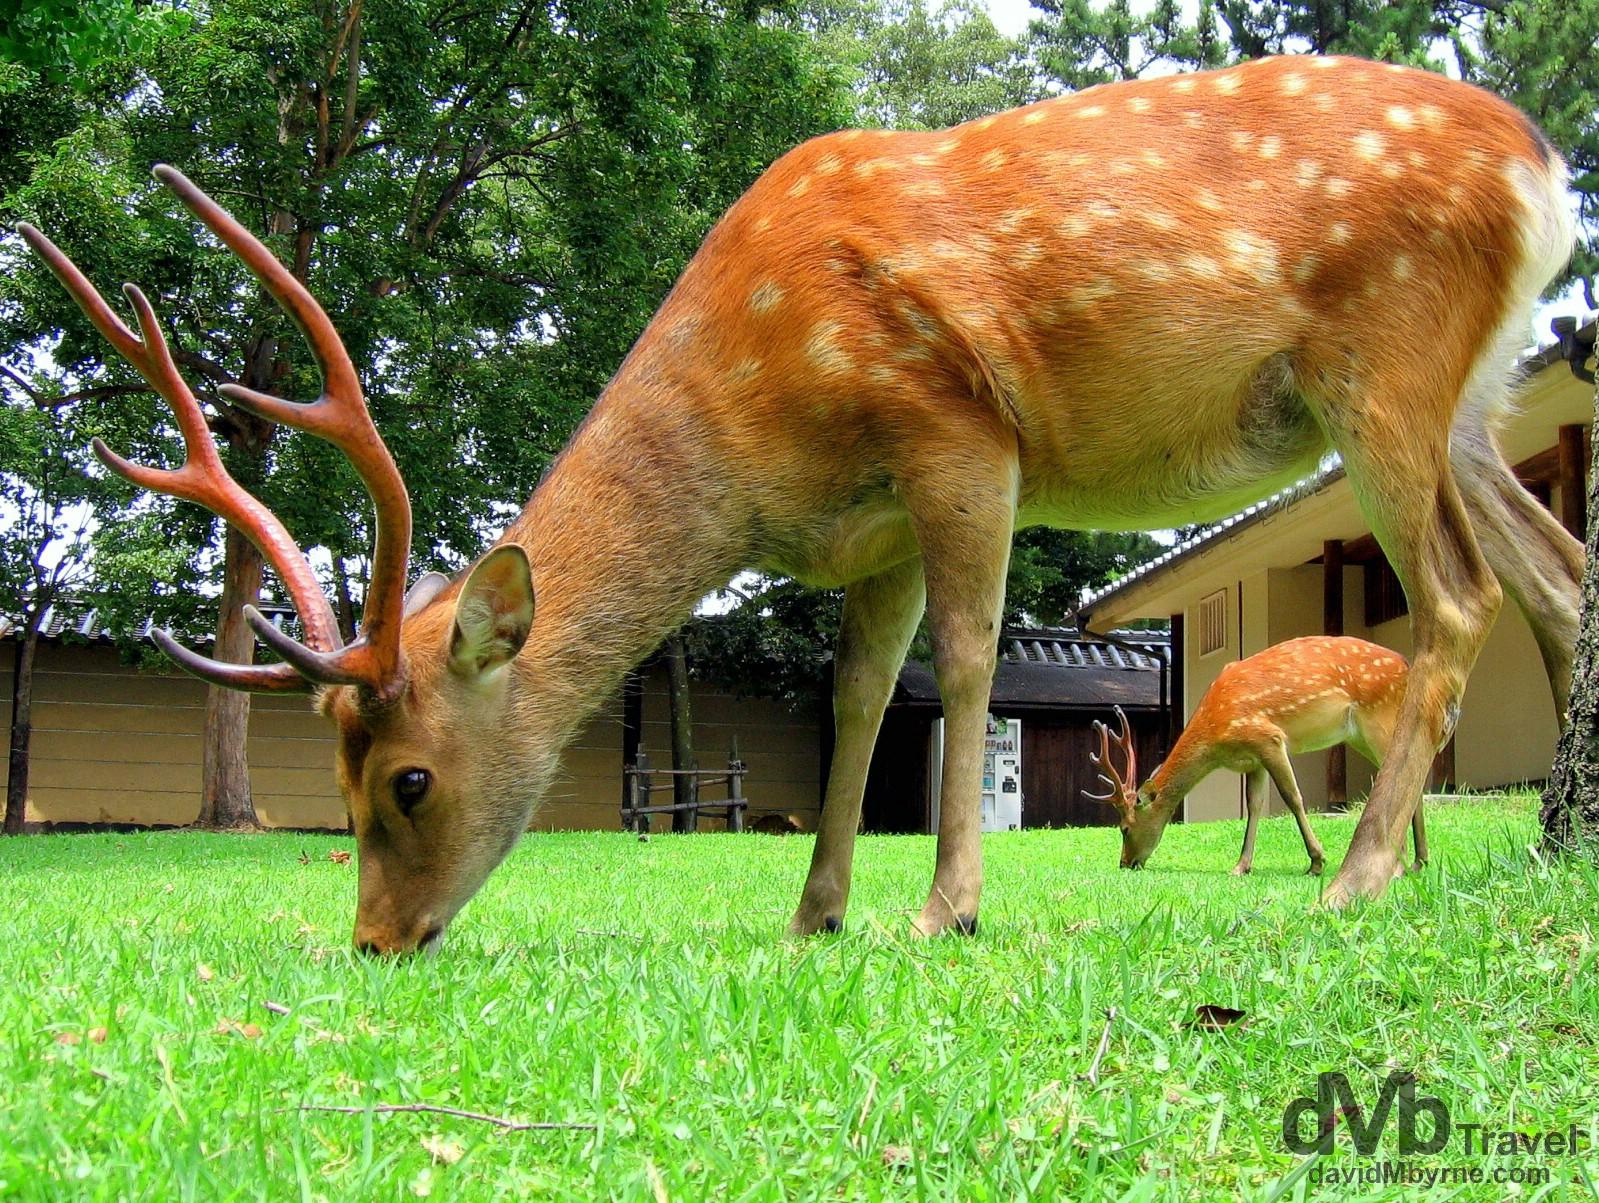 Deer grazing in Nara Koen (Park), Nara, Honshu, Japan. July 19th, 2005.